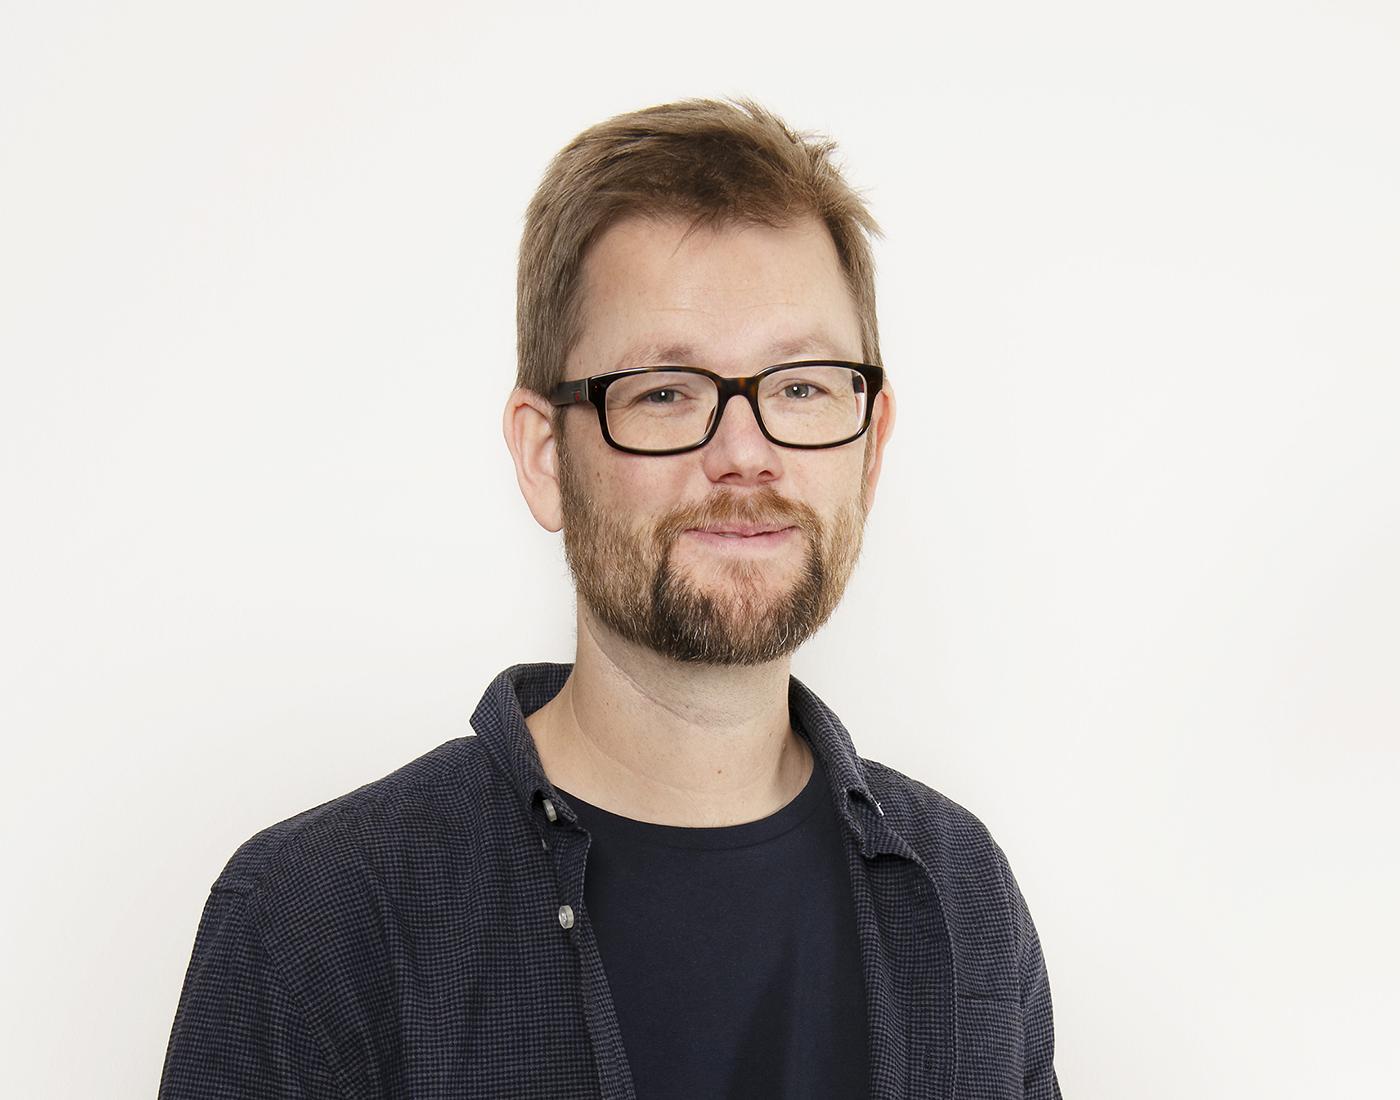 Kalle Edlund